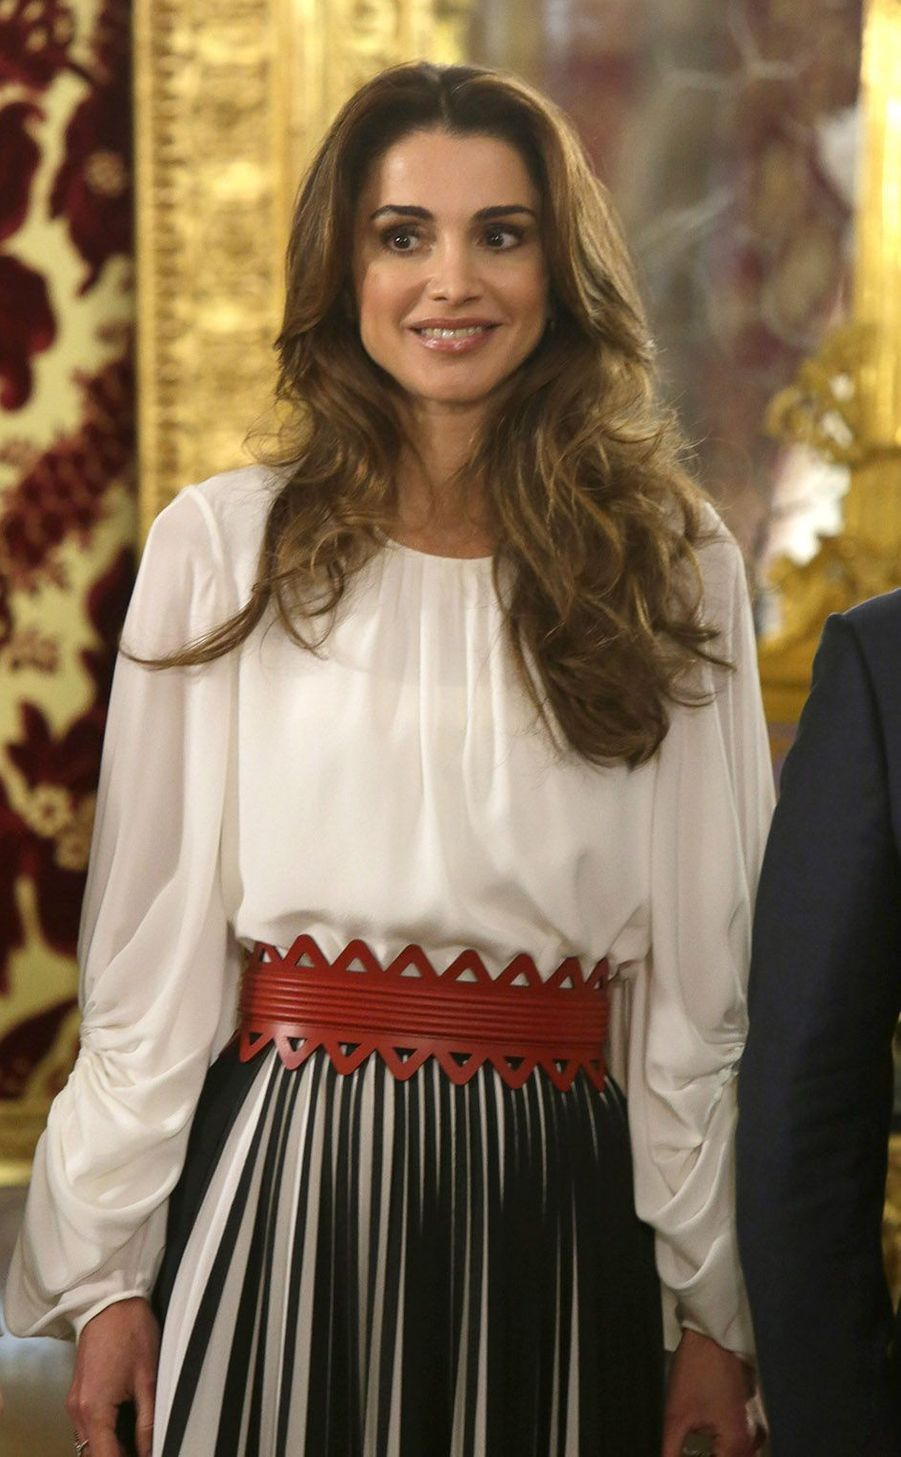 La reine Rania a fondé son ONG pour lutter contre la pauvreté et promouvoir l'éducation dans son pays.